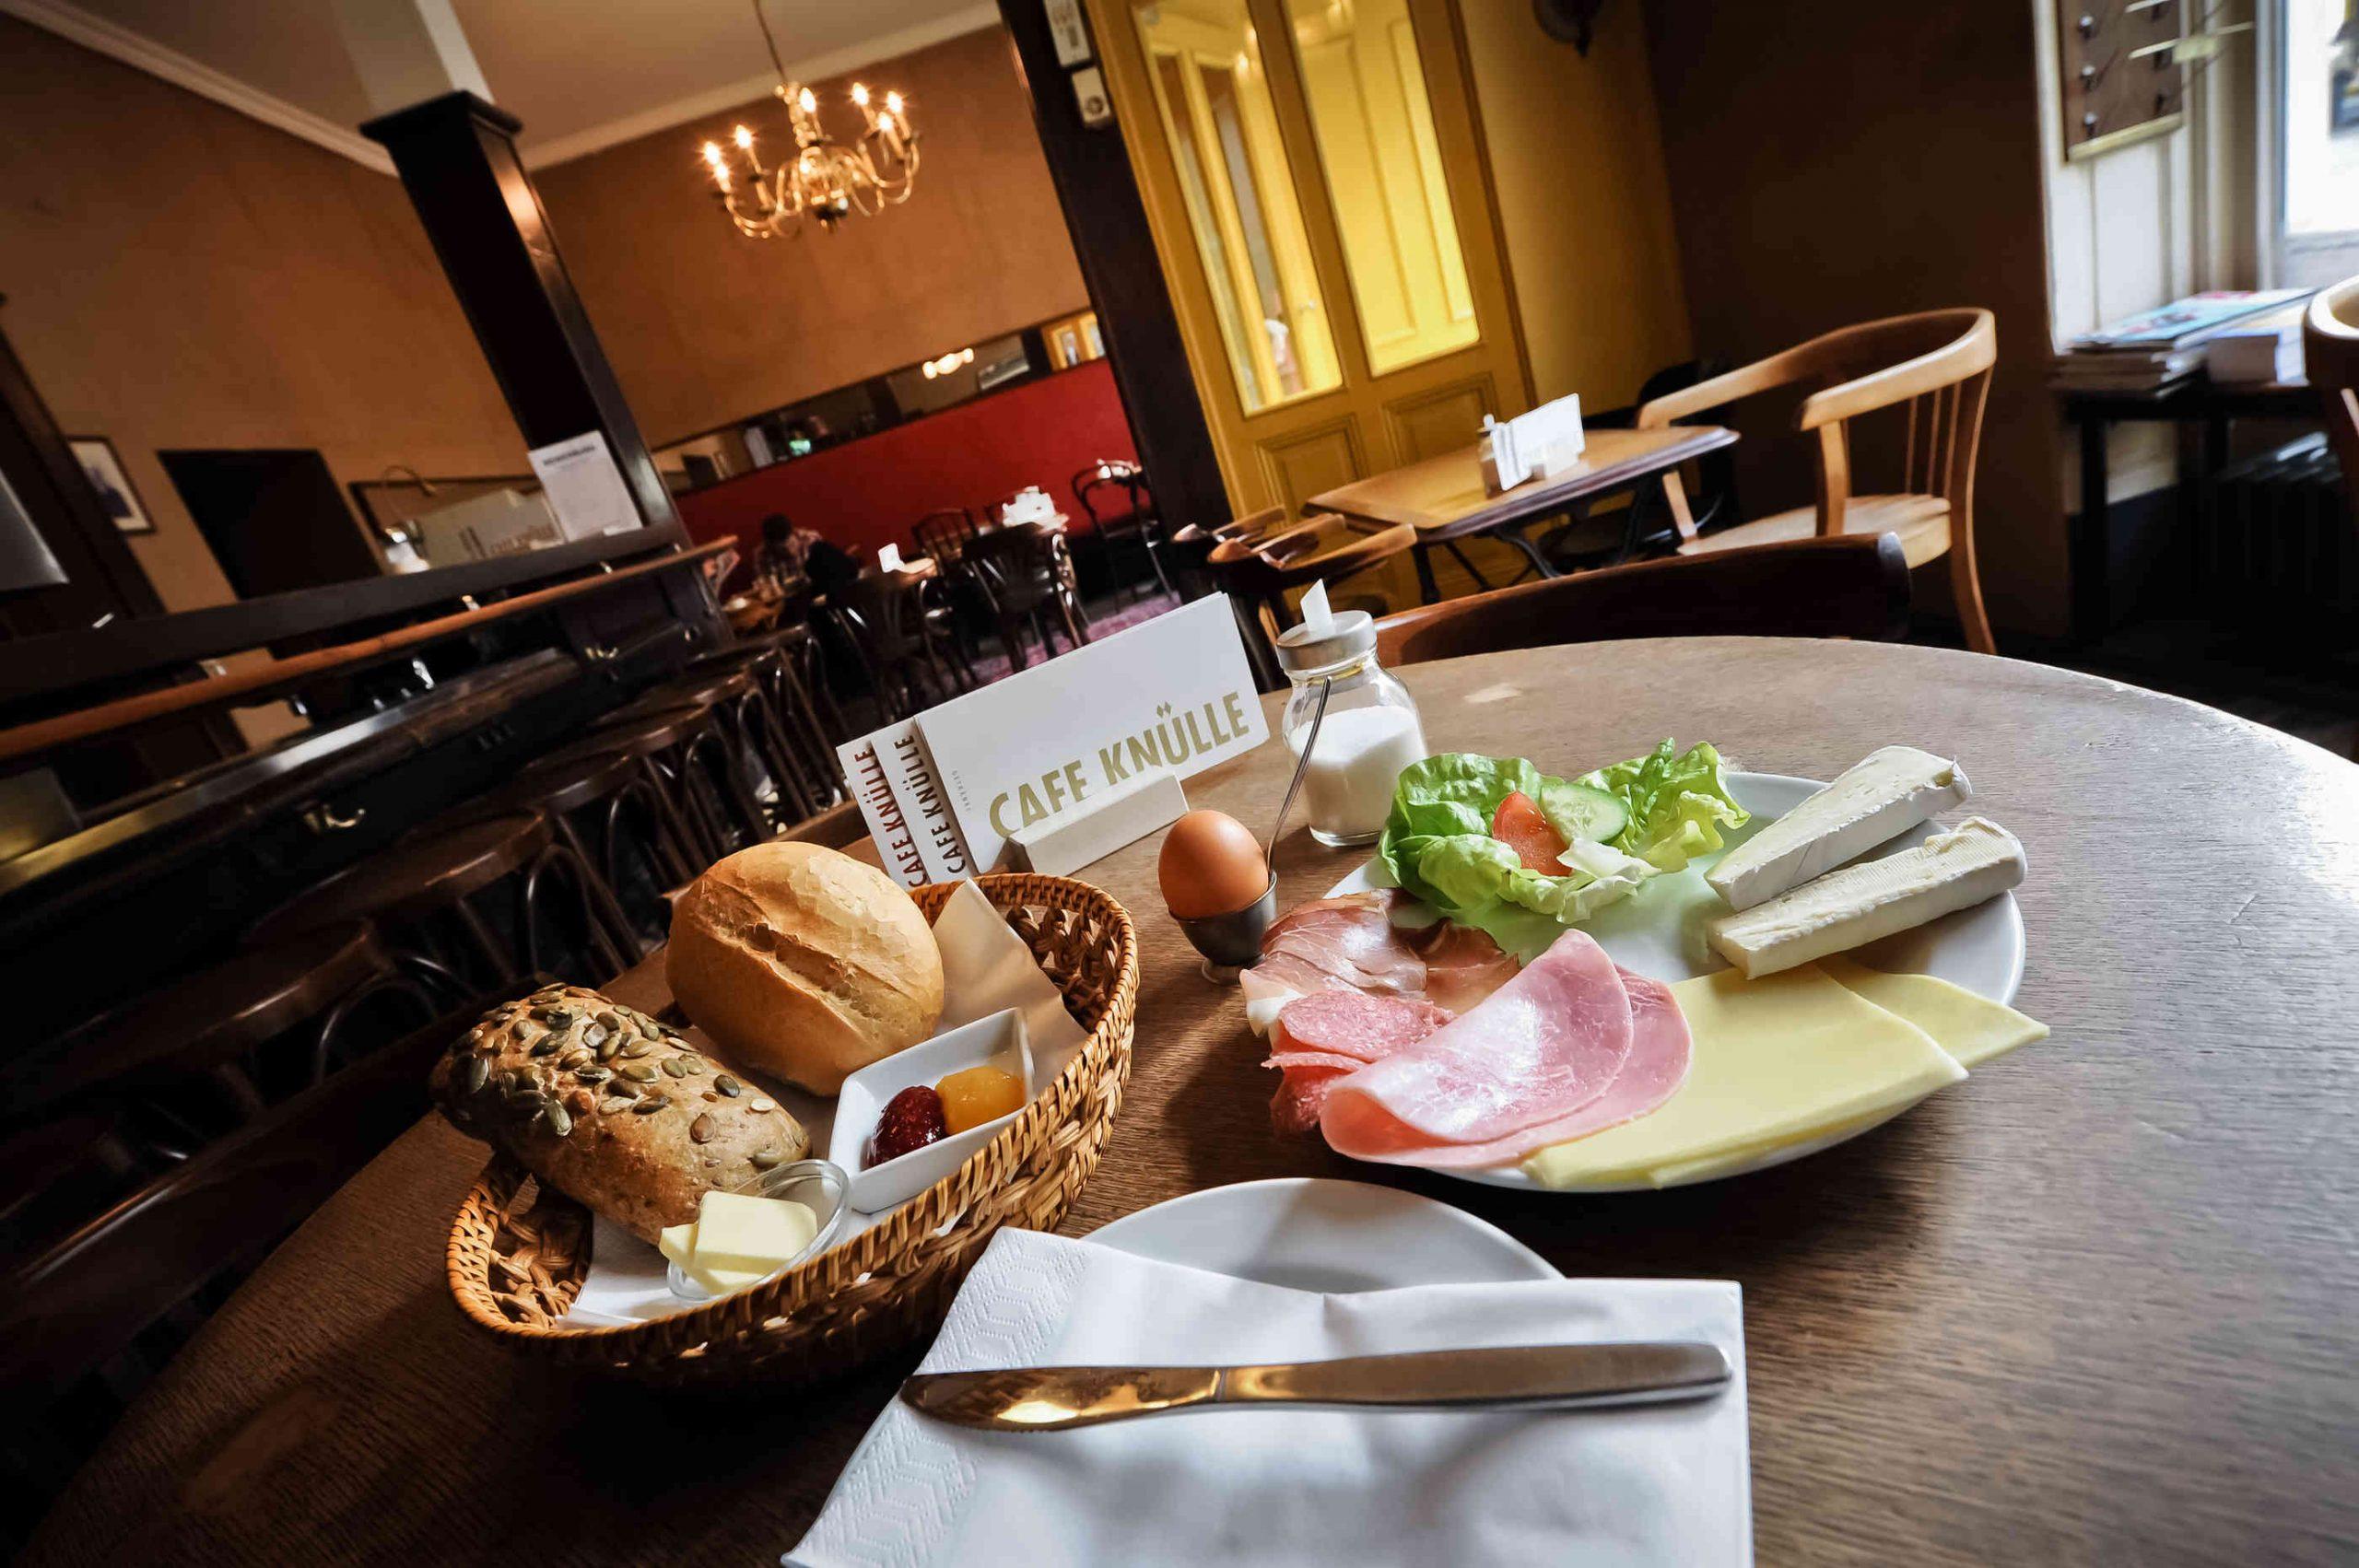 Romantische Restaurants In Düsseldorf Zum Valentinstag 2019 mit Romantisches Dinner Düsseldorf